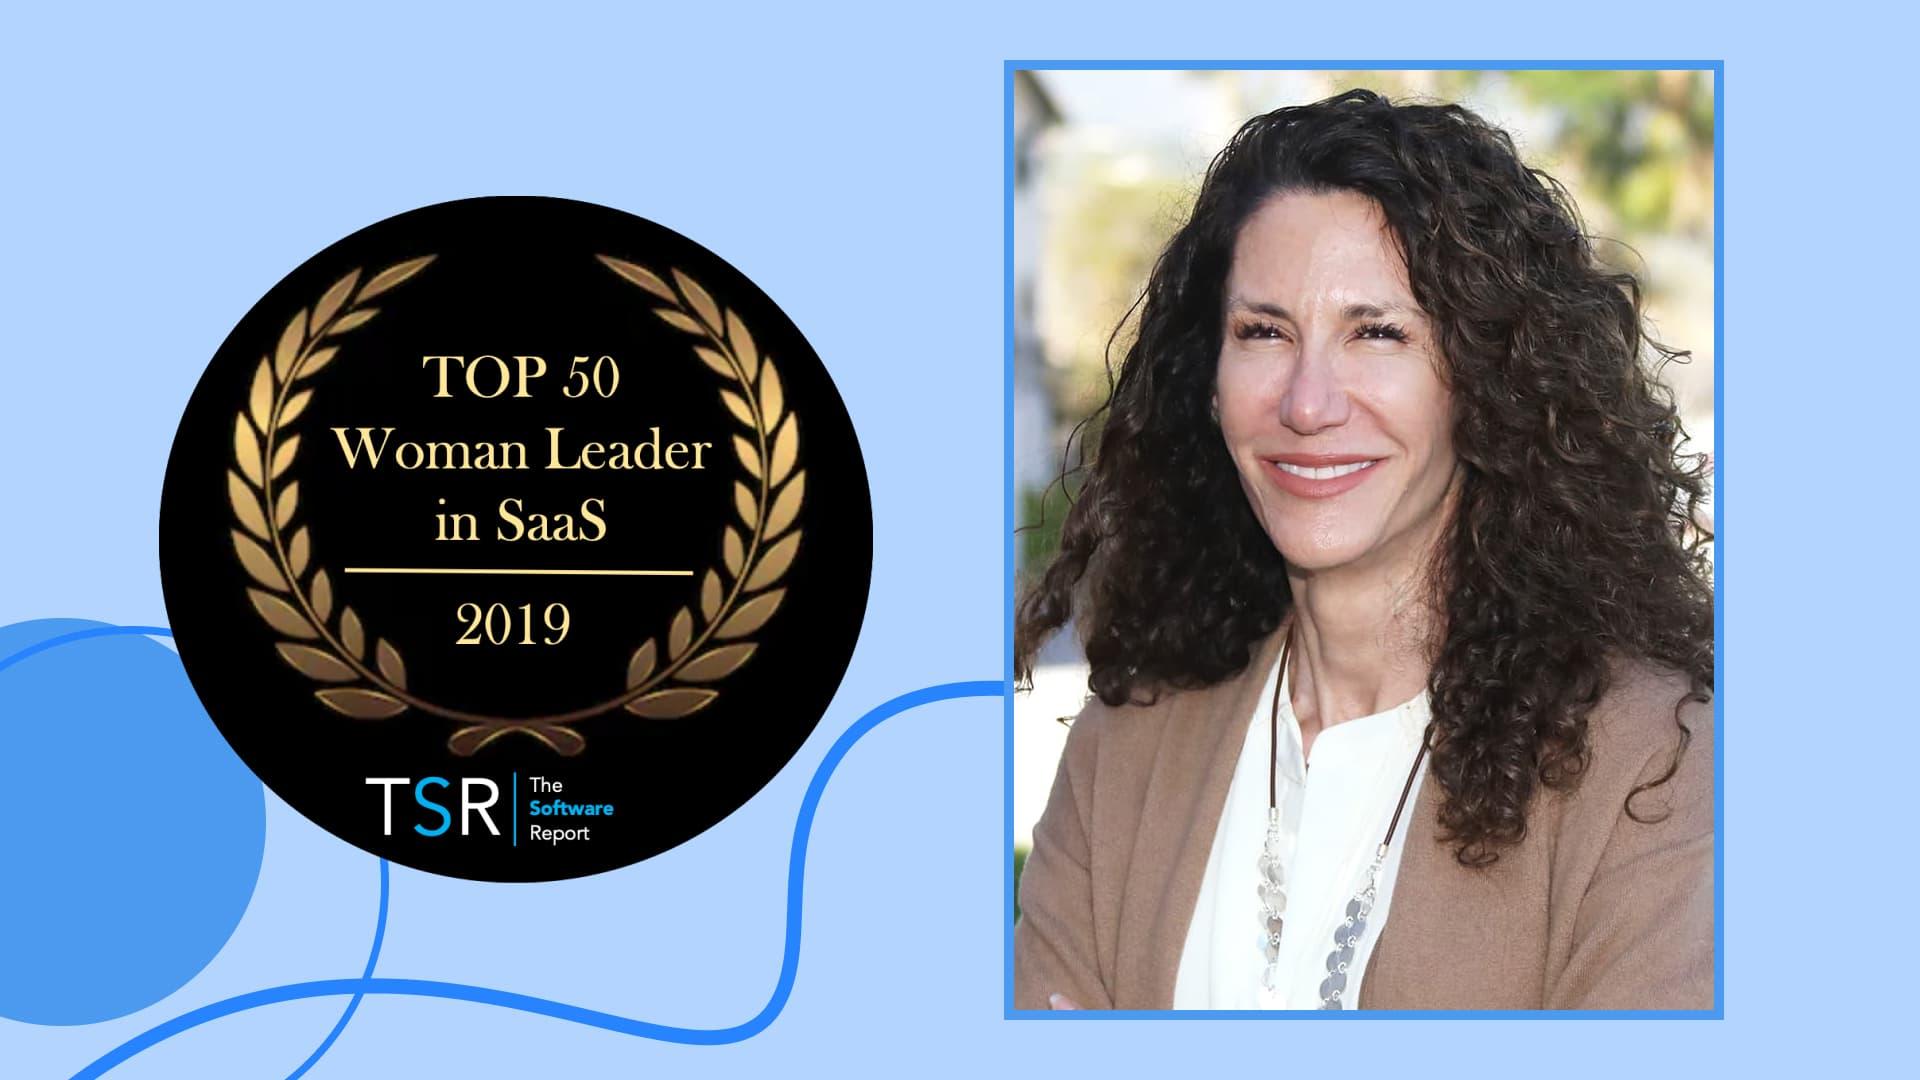 Invoca's VP of People and Culture, Ellen Raim, Named Top Leader in SaaS